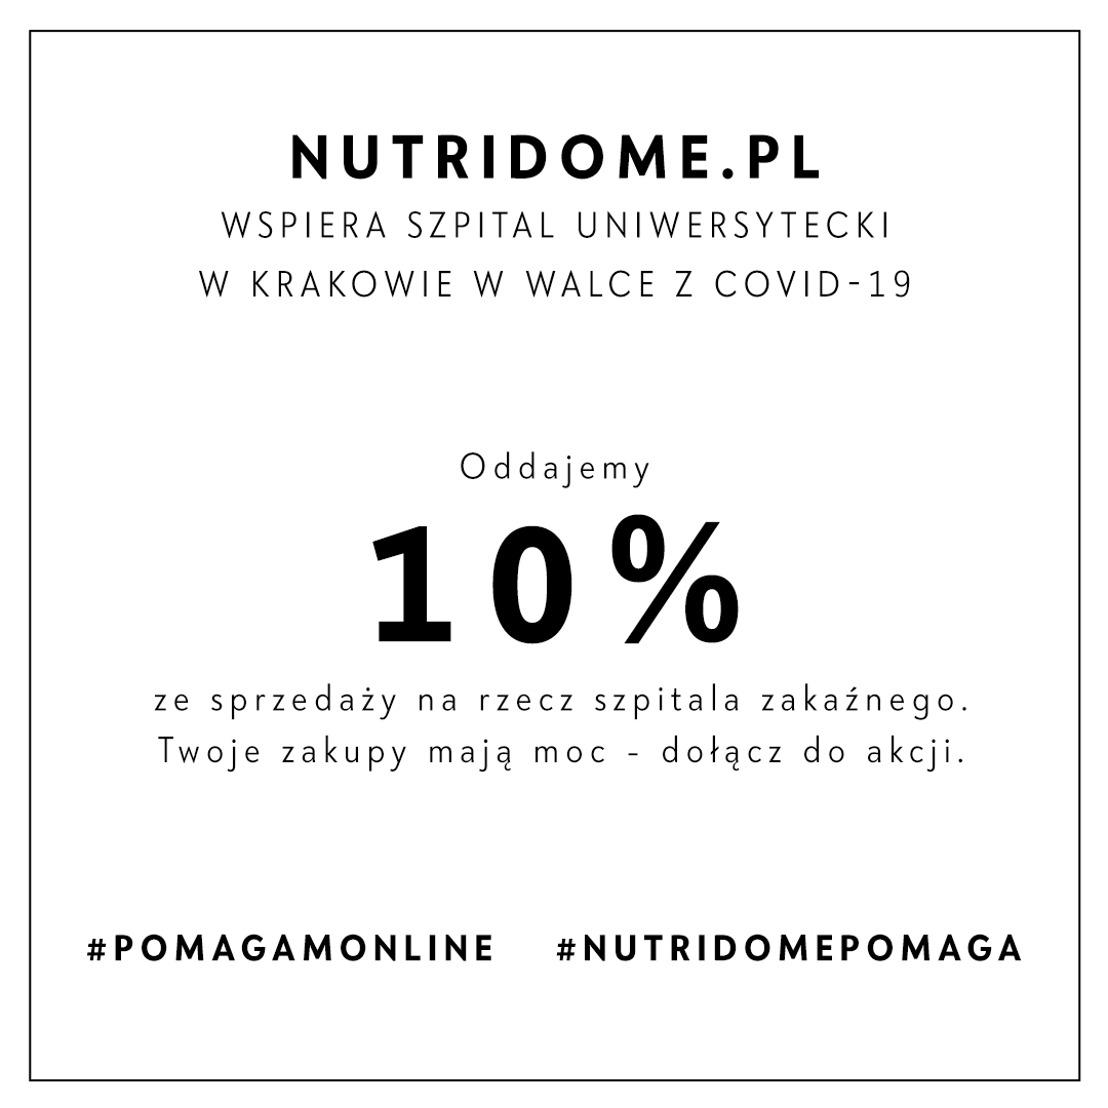 Sklep Nutridome.pl wspiera polską służbę zdrowia!